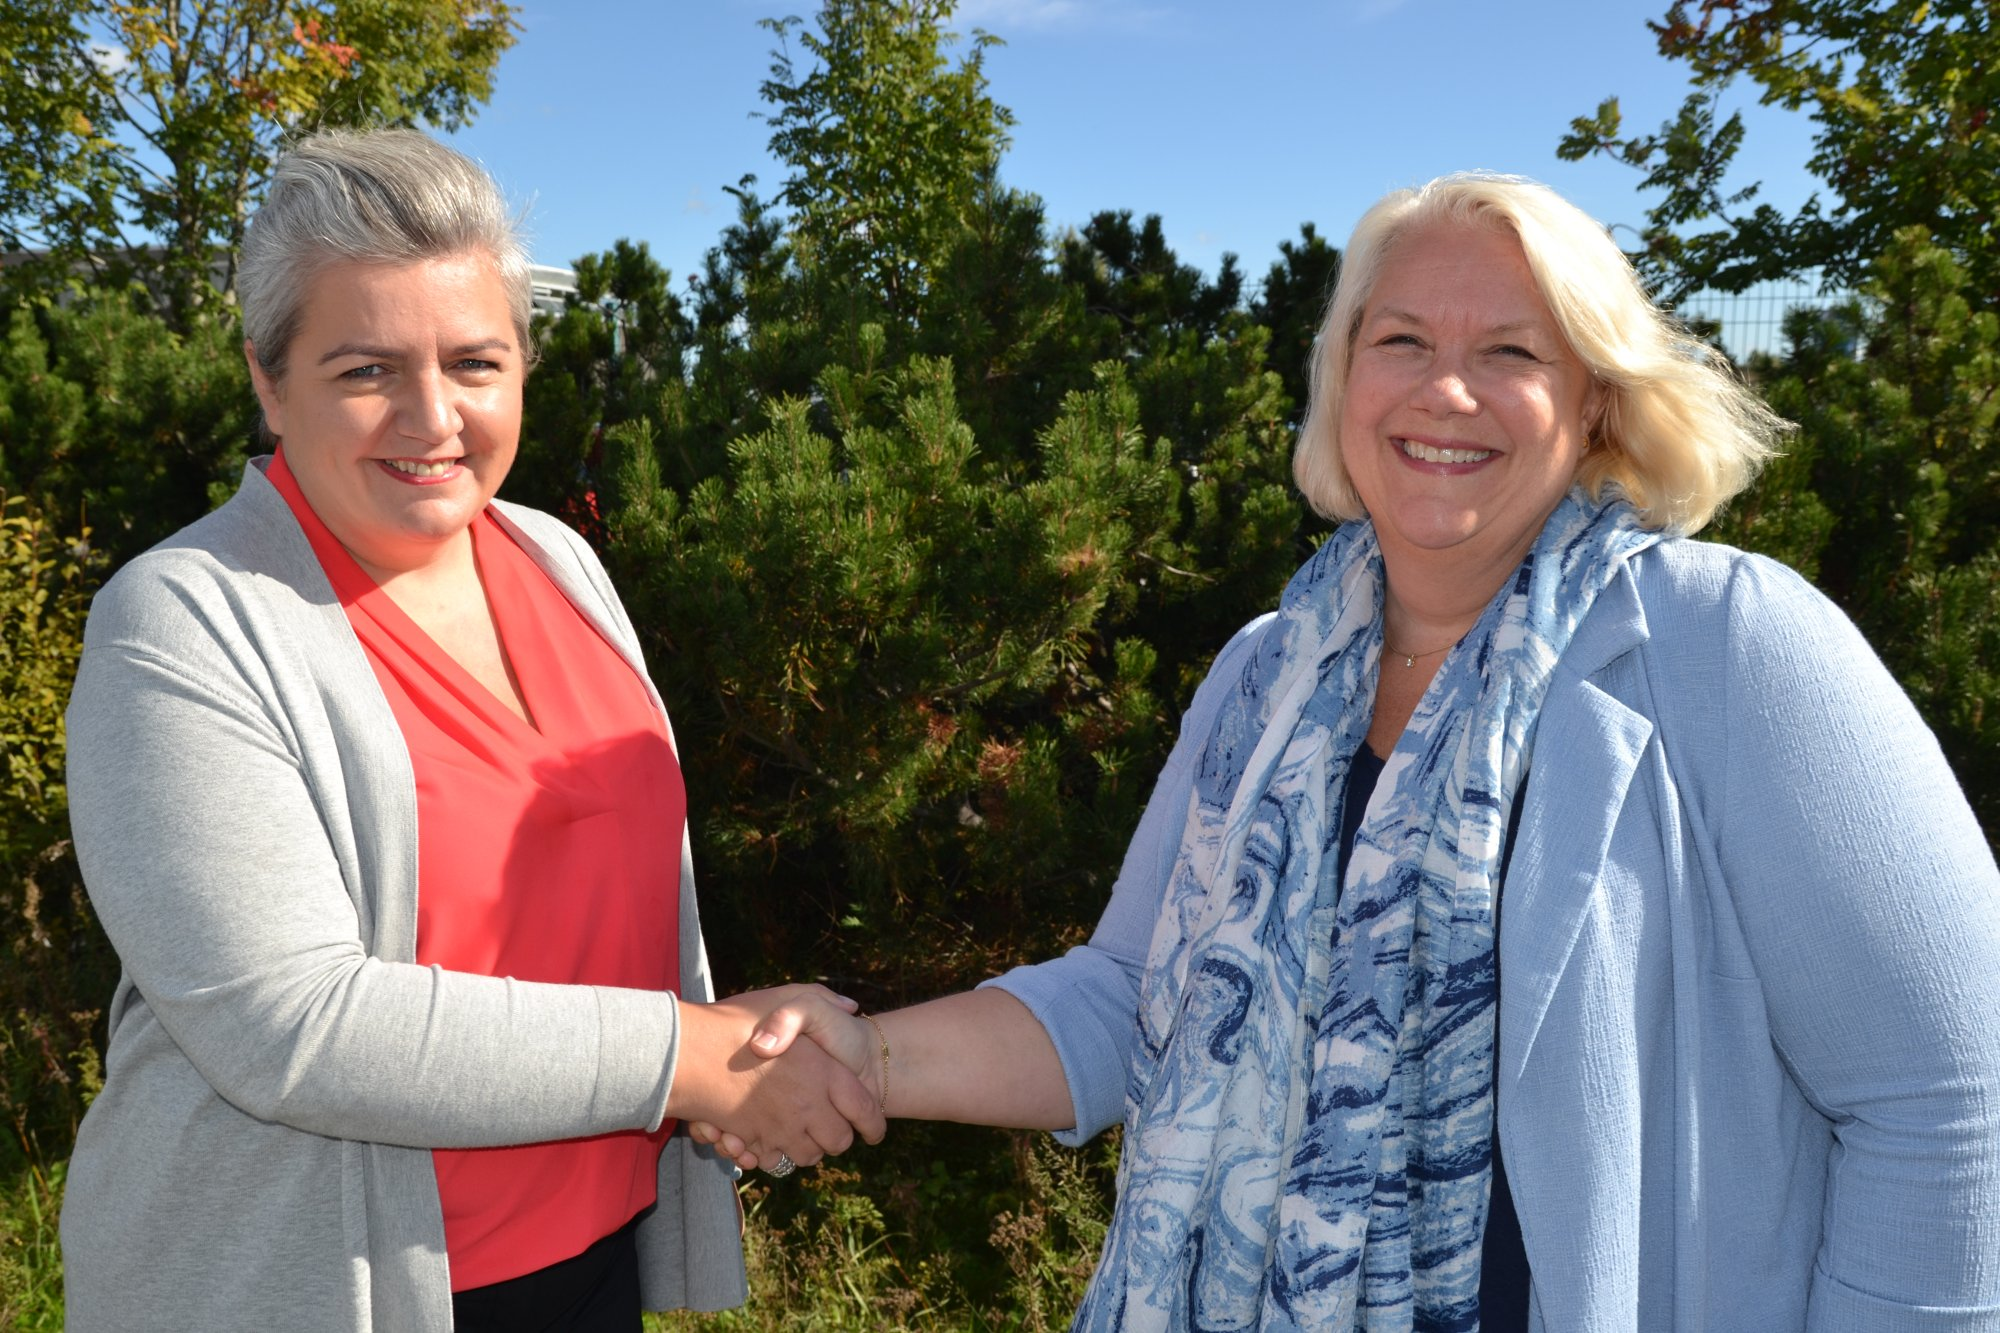 Sigrún Edda Eðvarðsdóttir (tv), ordförande för Heimili og skóli på Island är ny ordförande i Noko. Här välkomnas hon av avgående ordförande Gunn Iren Müller från norska FUG (th).